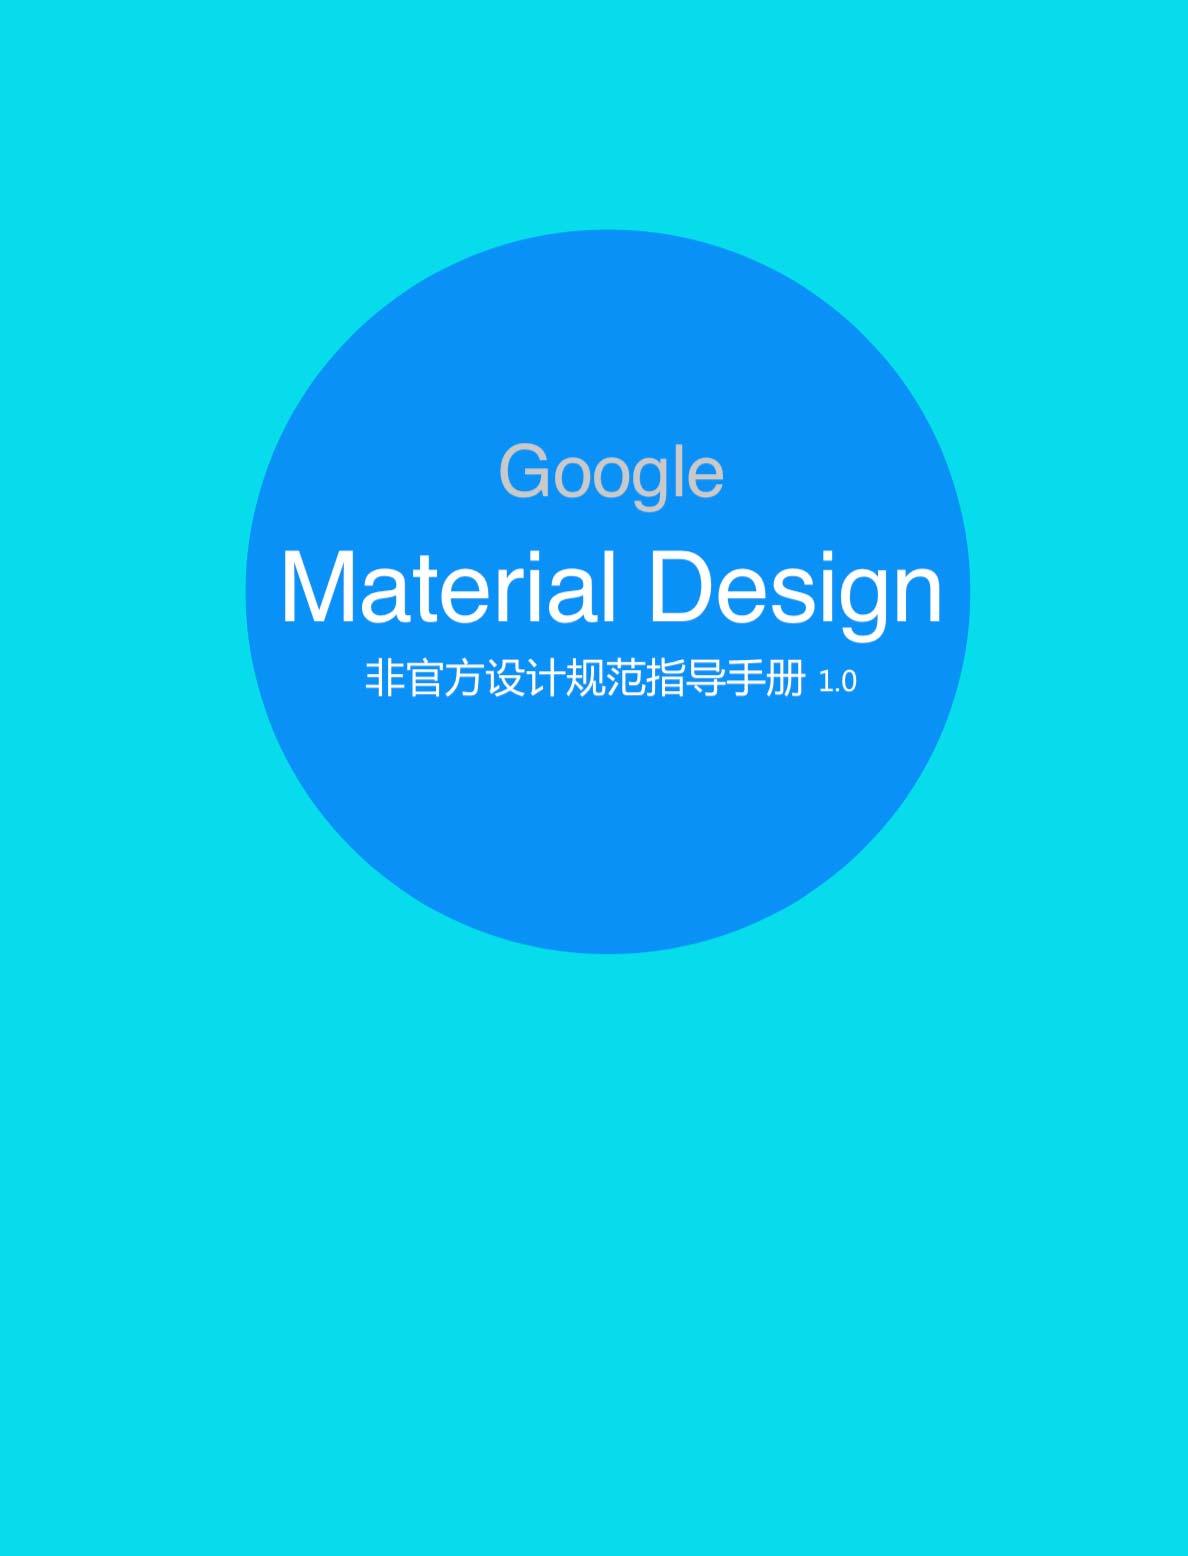 最新的Google Material Design 设计规范中文版